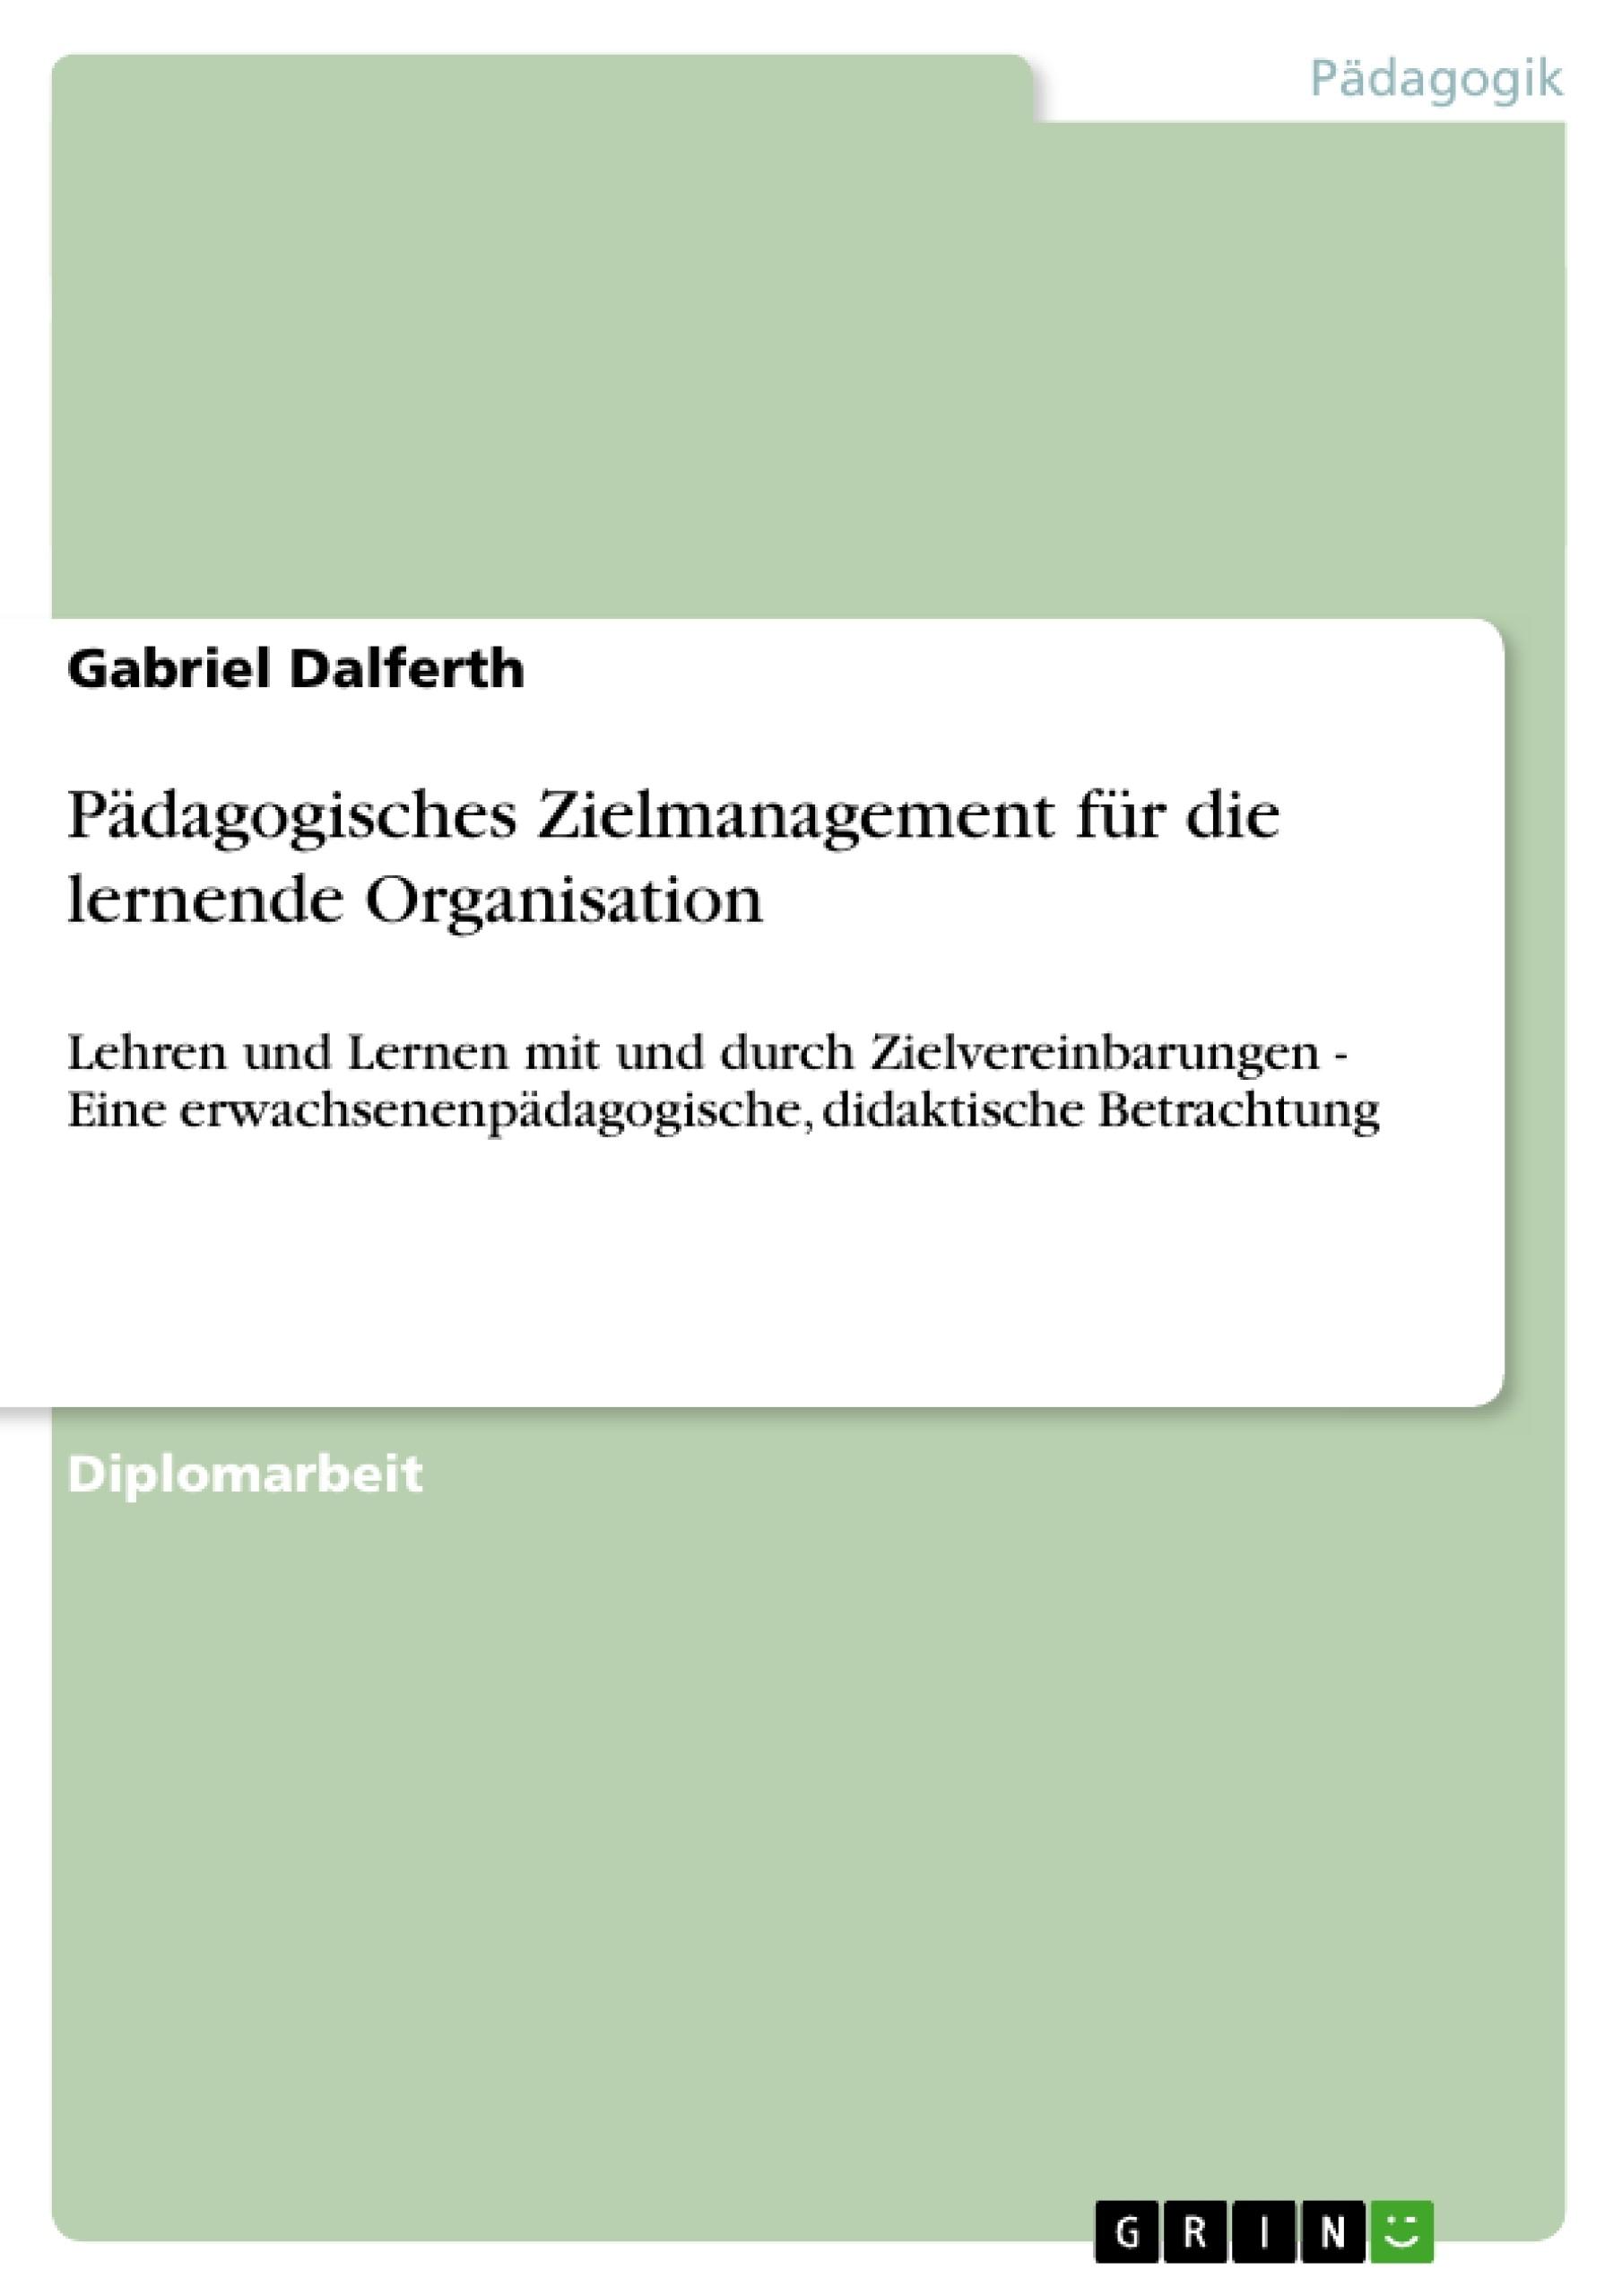 Titel: Pädagogisches Zielmanagement für die lernende Organisation